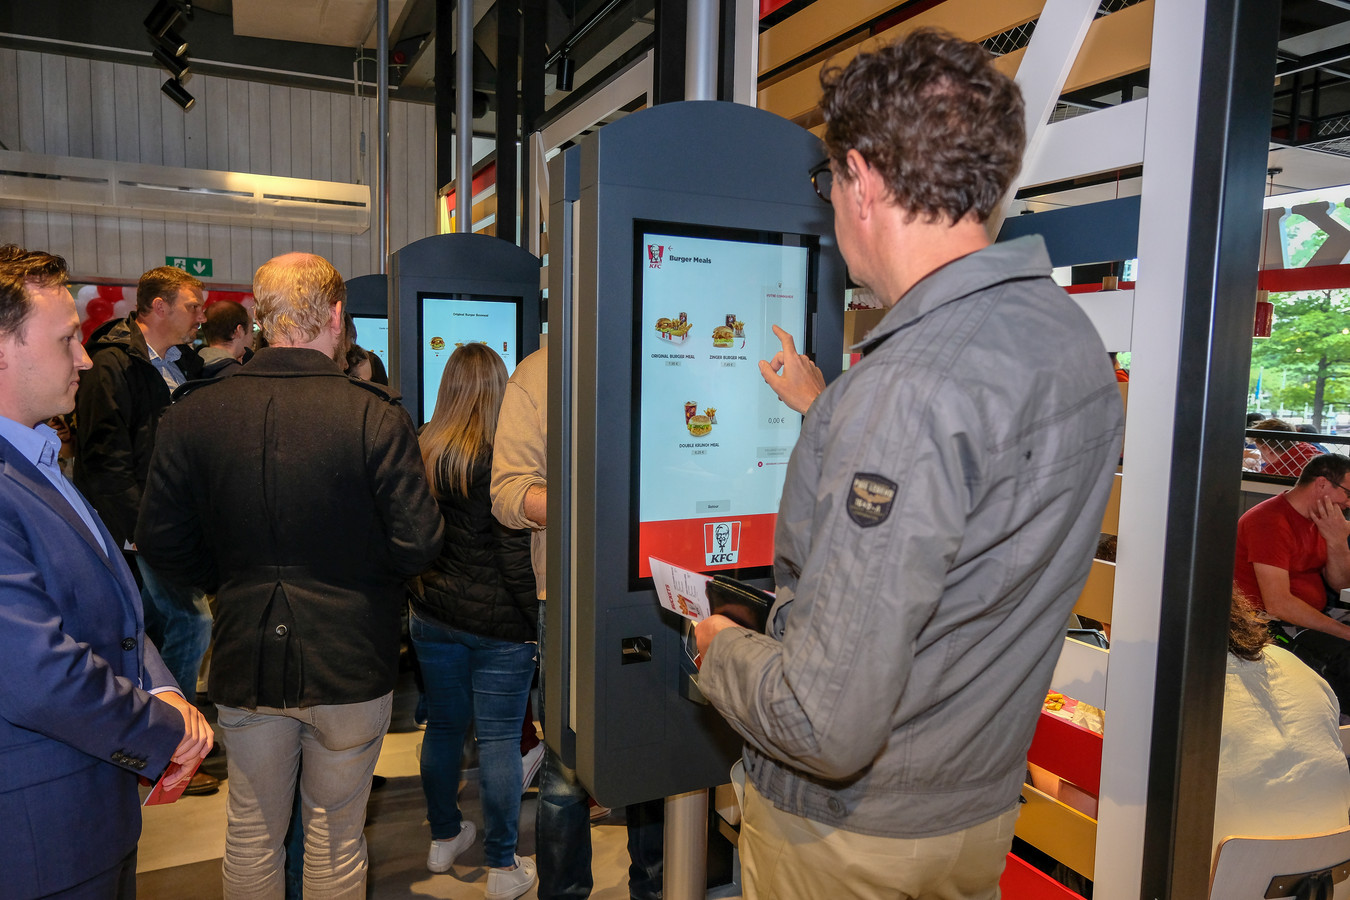 KFC in Brussel Noord